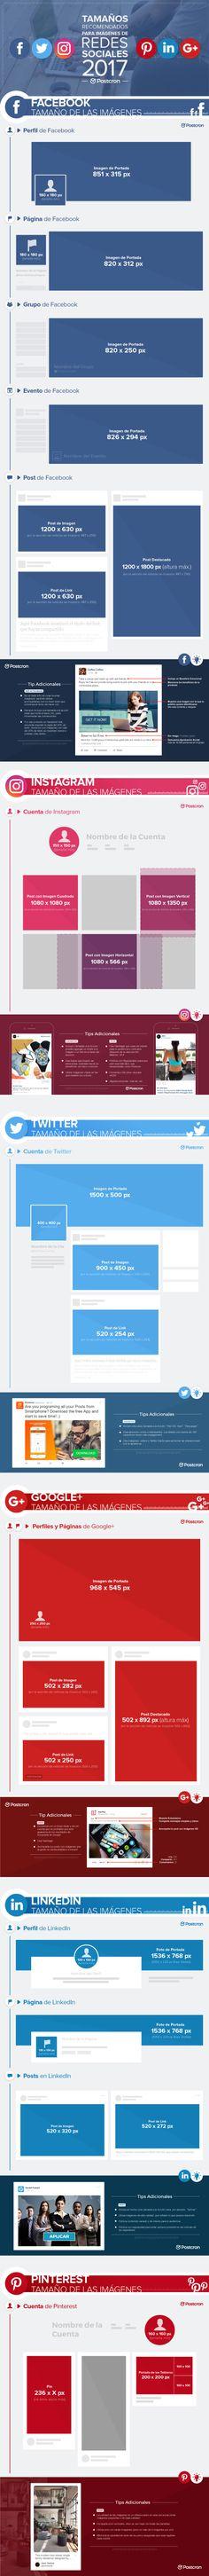 Infográfico-Infografía-Infografía: Tamaños Recomendados para Imágenes de Redes Sociales 2017